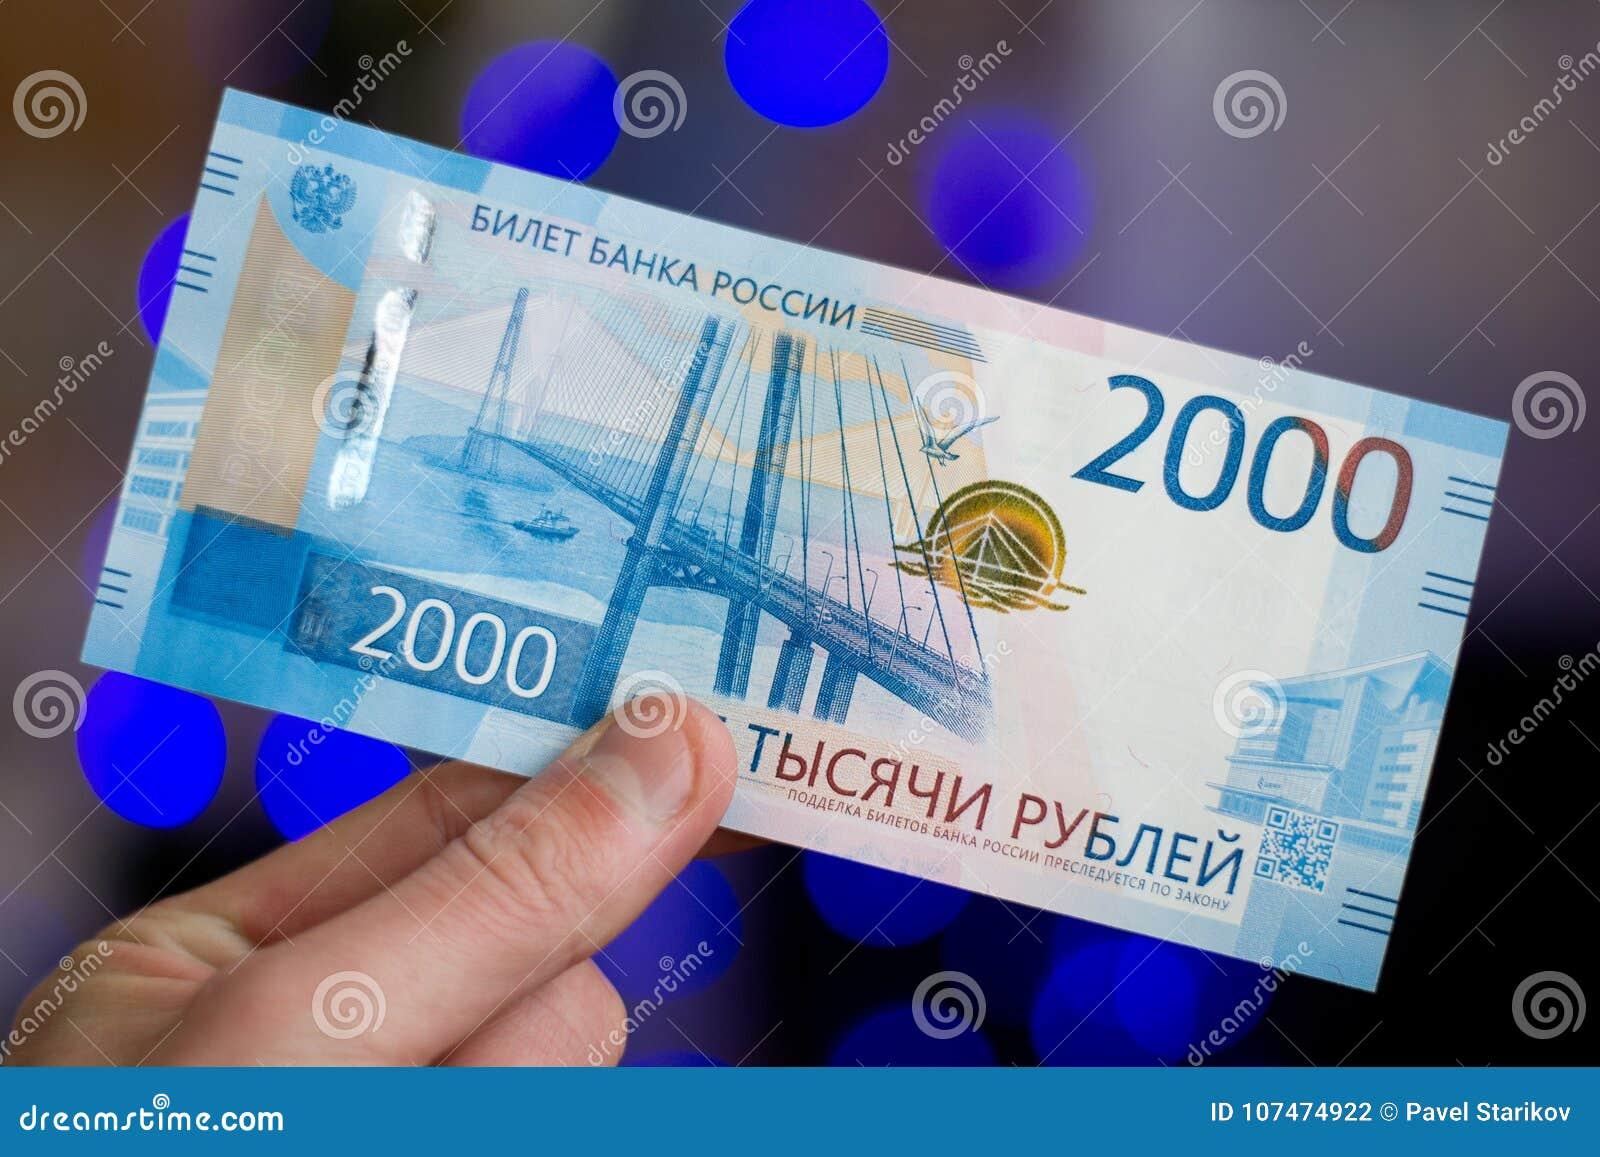 New bill 2000 rubles